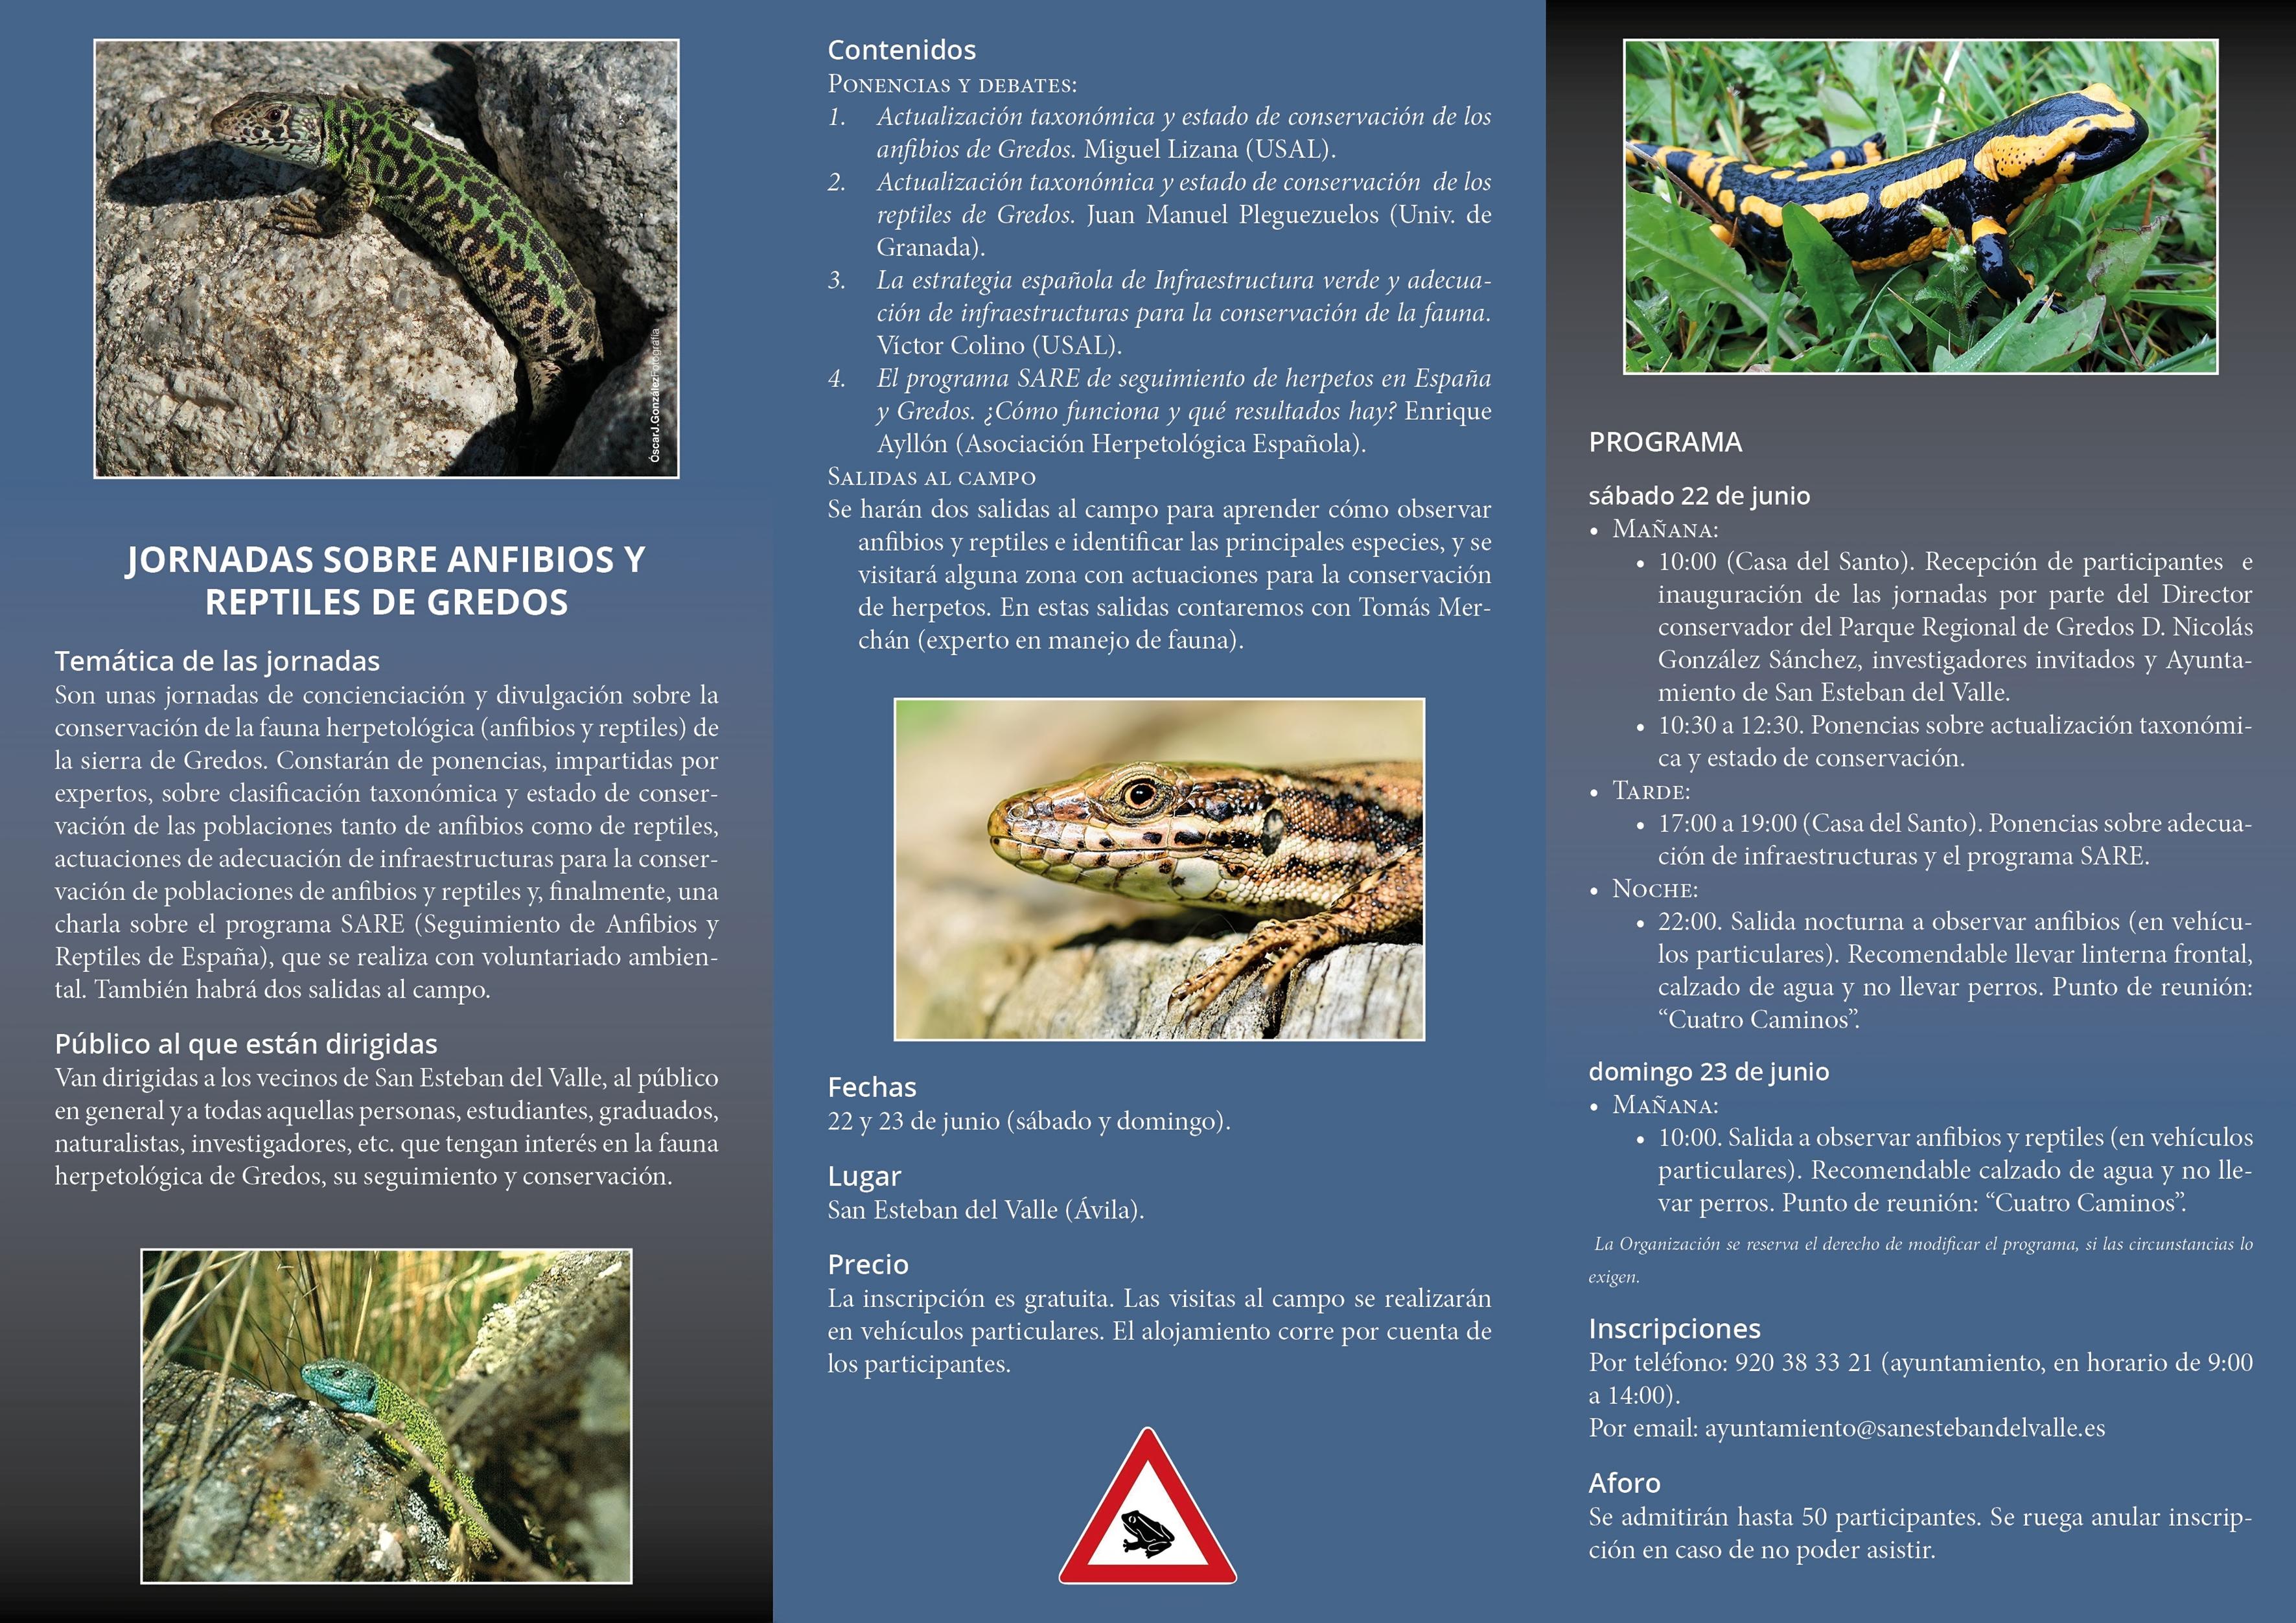 III Jornadas de Sensibilización Medioambiental - Anfibios y Reptiles - San Esteban del Valle - TiétarTeVe